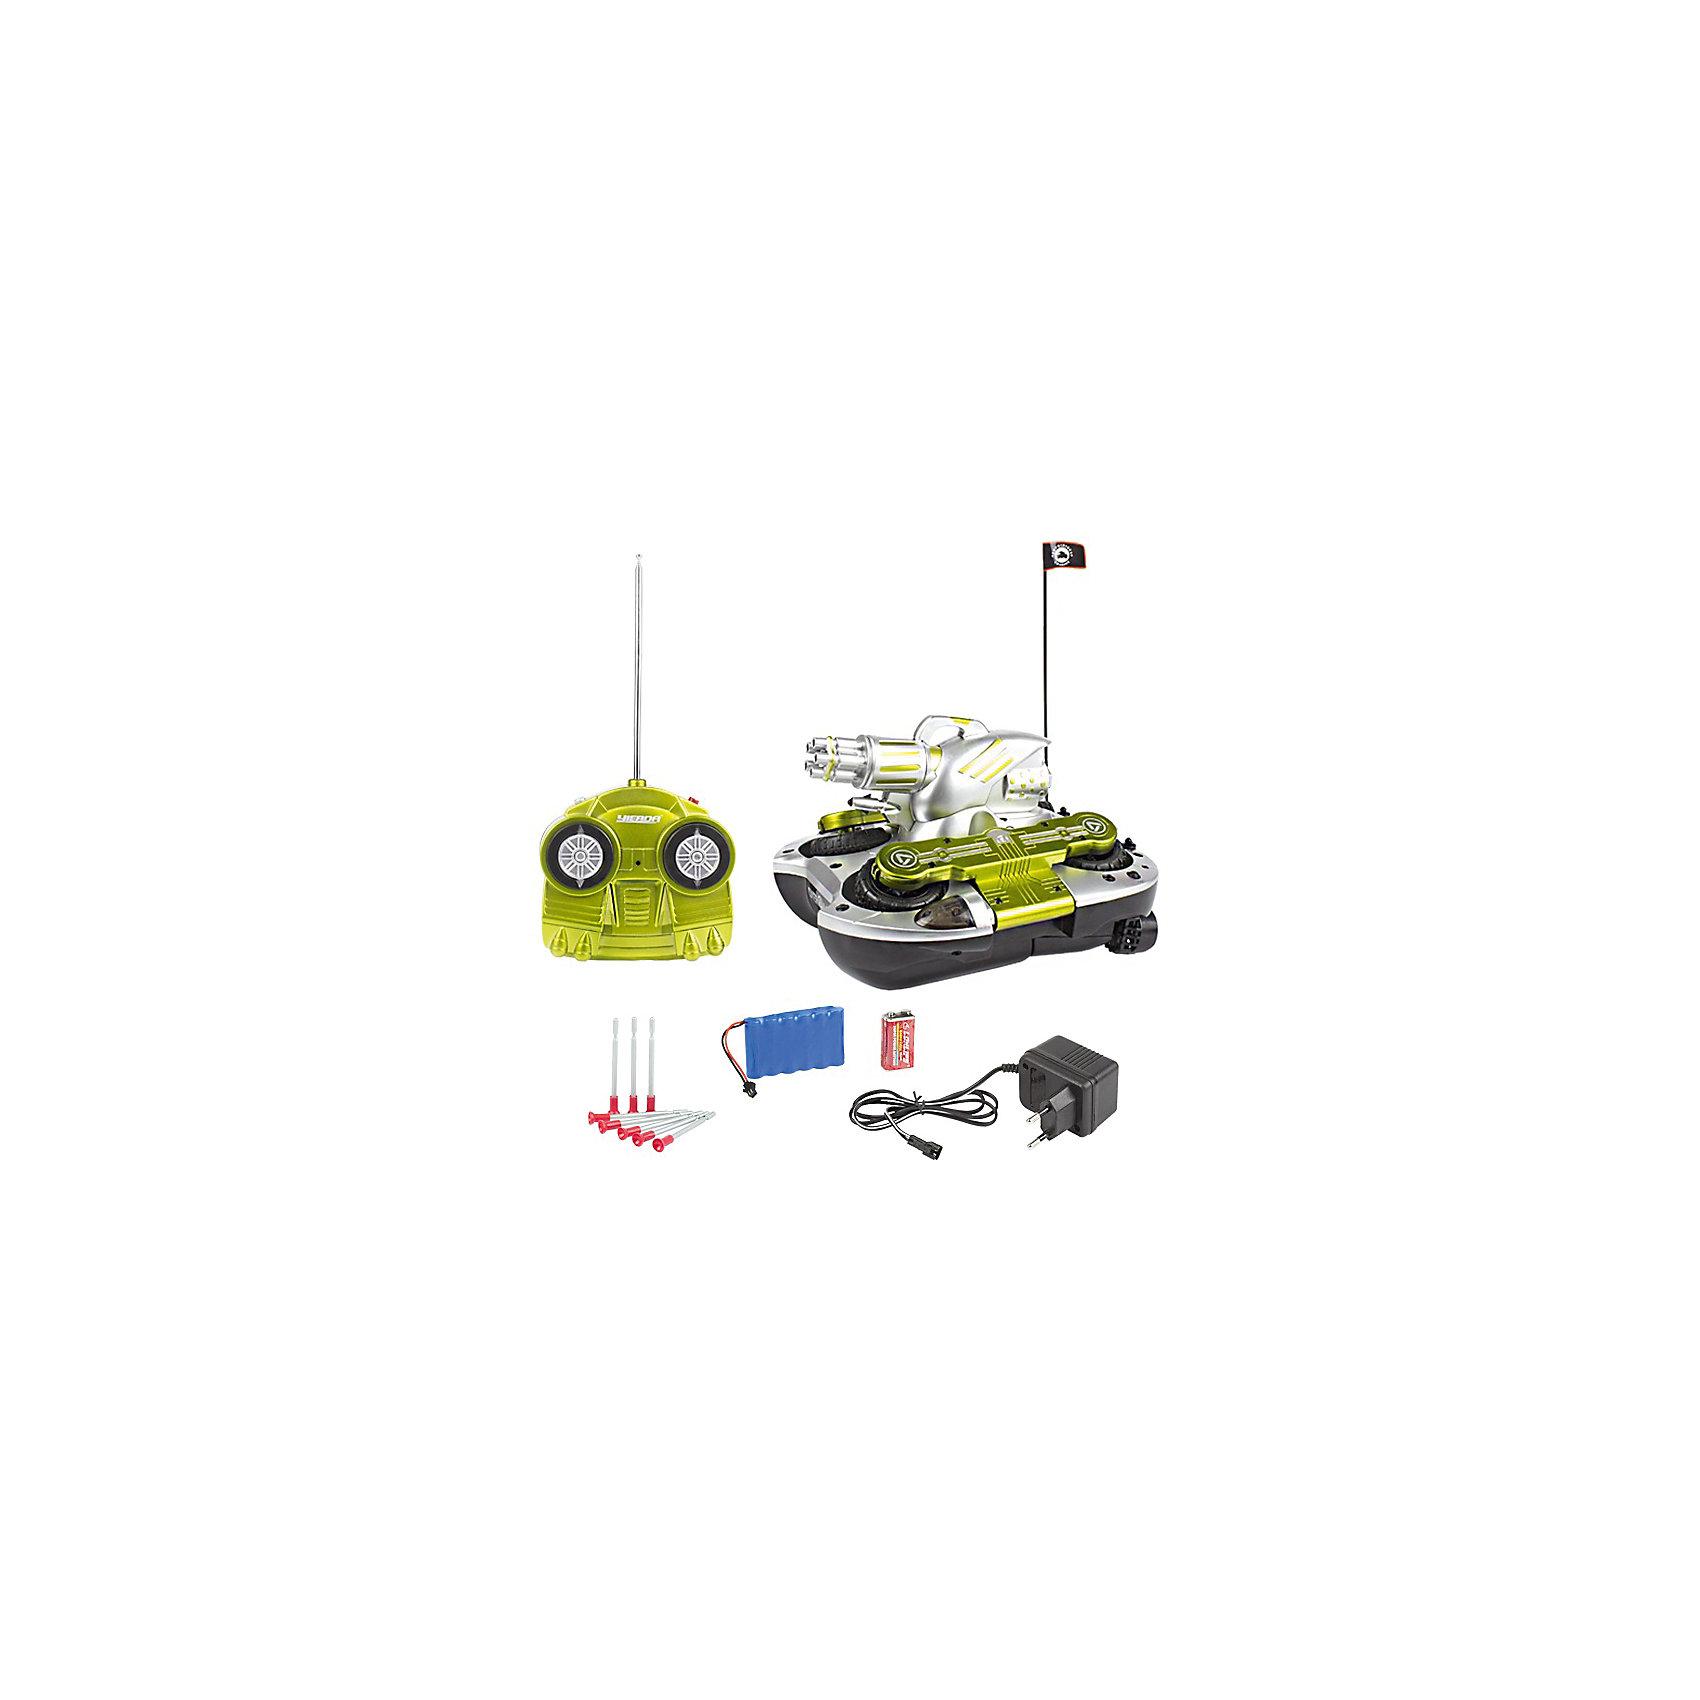 Танк-амфибия на р/у Стрела-24, Mioshi ArmyИдеи подарков<br>Характеристики товара:<br><br>• возраст от 8 лет;<br>• материал: пластик;<br>• в комплекте: танк, пульт управления, антенна, зарядное устройство, батарейки, 8 стрел-присосок;<br>• размер игрушки 24 см;<br>• размер упаковки 36х25х18 см;<br>• вес упаковки 3,1 кг;<br>• страна производитель: Китай.<br><br>Танк-амфибия «Стрела-24» Mioshi Active — увлекательная игрушка на радиоуправлении для мальчишек, которые любят устраивать сражения и бои. Танк-амфибия перемещается не только по суше, но и может плыть по воде. Его башня вращается на 360 градусов и стреляет снарядами. Танк развивает скорость до 10 км/час. Игрушка оснащена световыми эффектами, что сделает игру еще увлекательней и веселей. Танк изготовлен из качественных прочных материалов.<br><br>Танк-амфибию «Стрела-24» Mioshi Active можно приобрести в нашем интернет-магазине.<br><br>Ширина мм: 360<br>Глубина мм: 250<br>Высота мм: 180<br>Вес г: 3100<br>Возраст от месяцев: 96<br>Возраст до месяцев: 2147483647<br>Пол: Унисекс<br>Возраст: Детский<br>SKU: 5581249